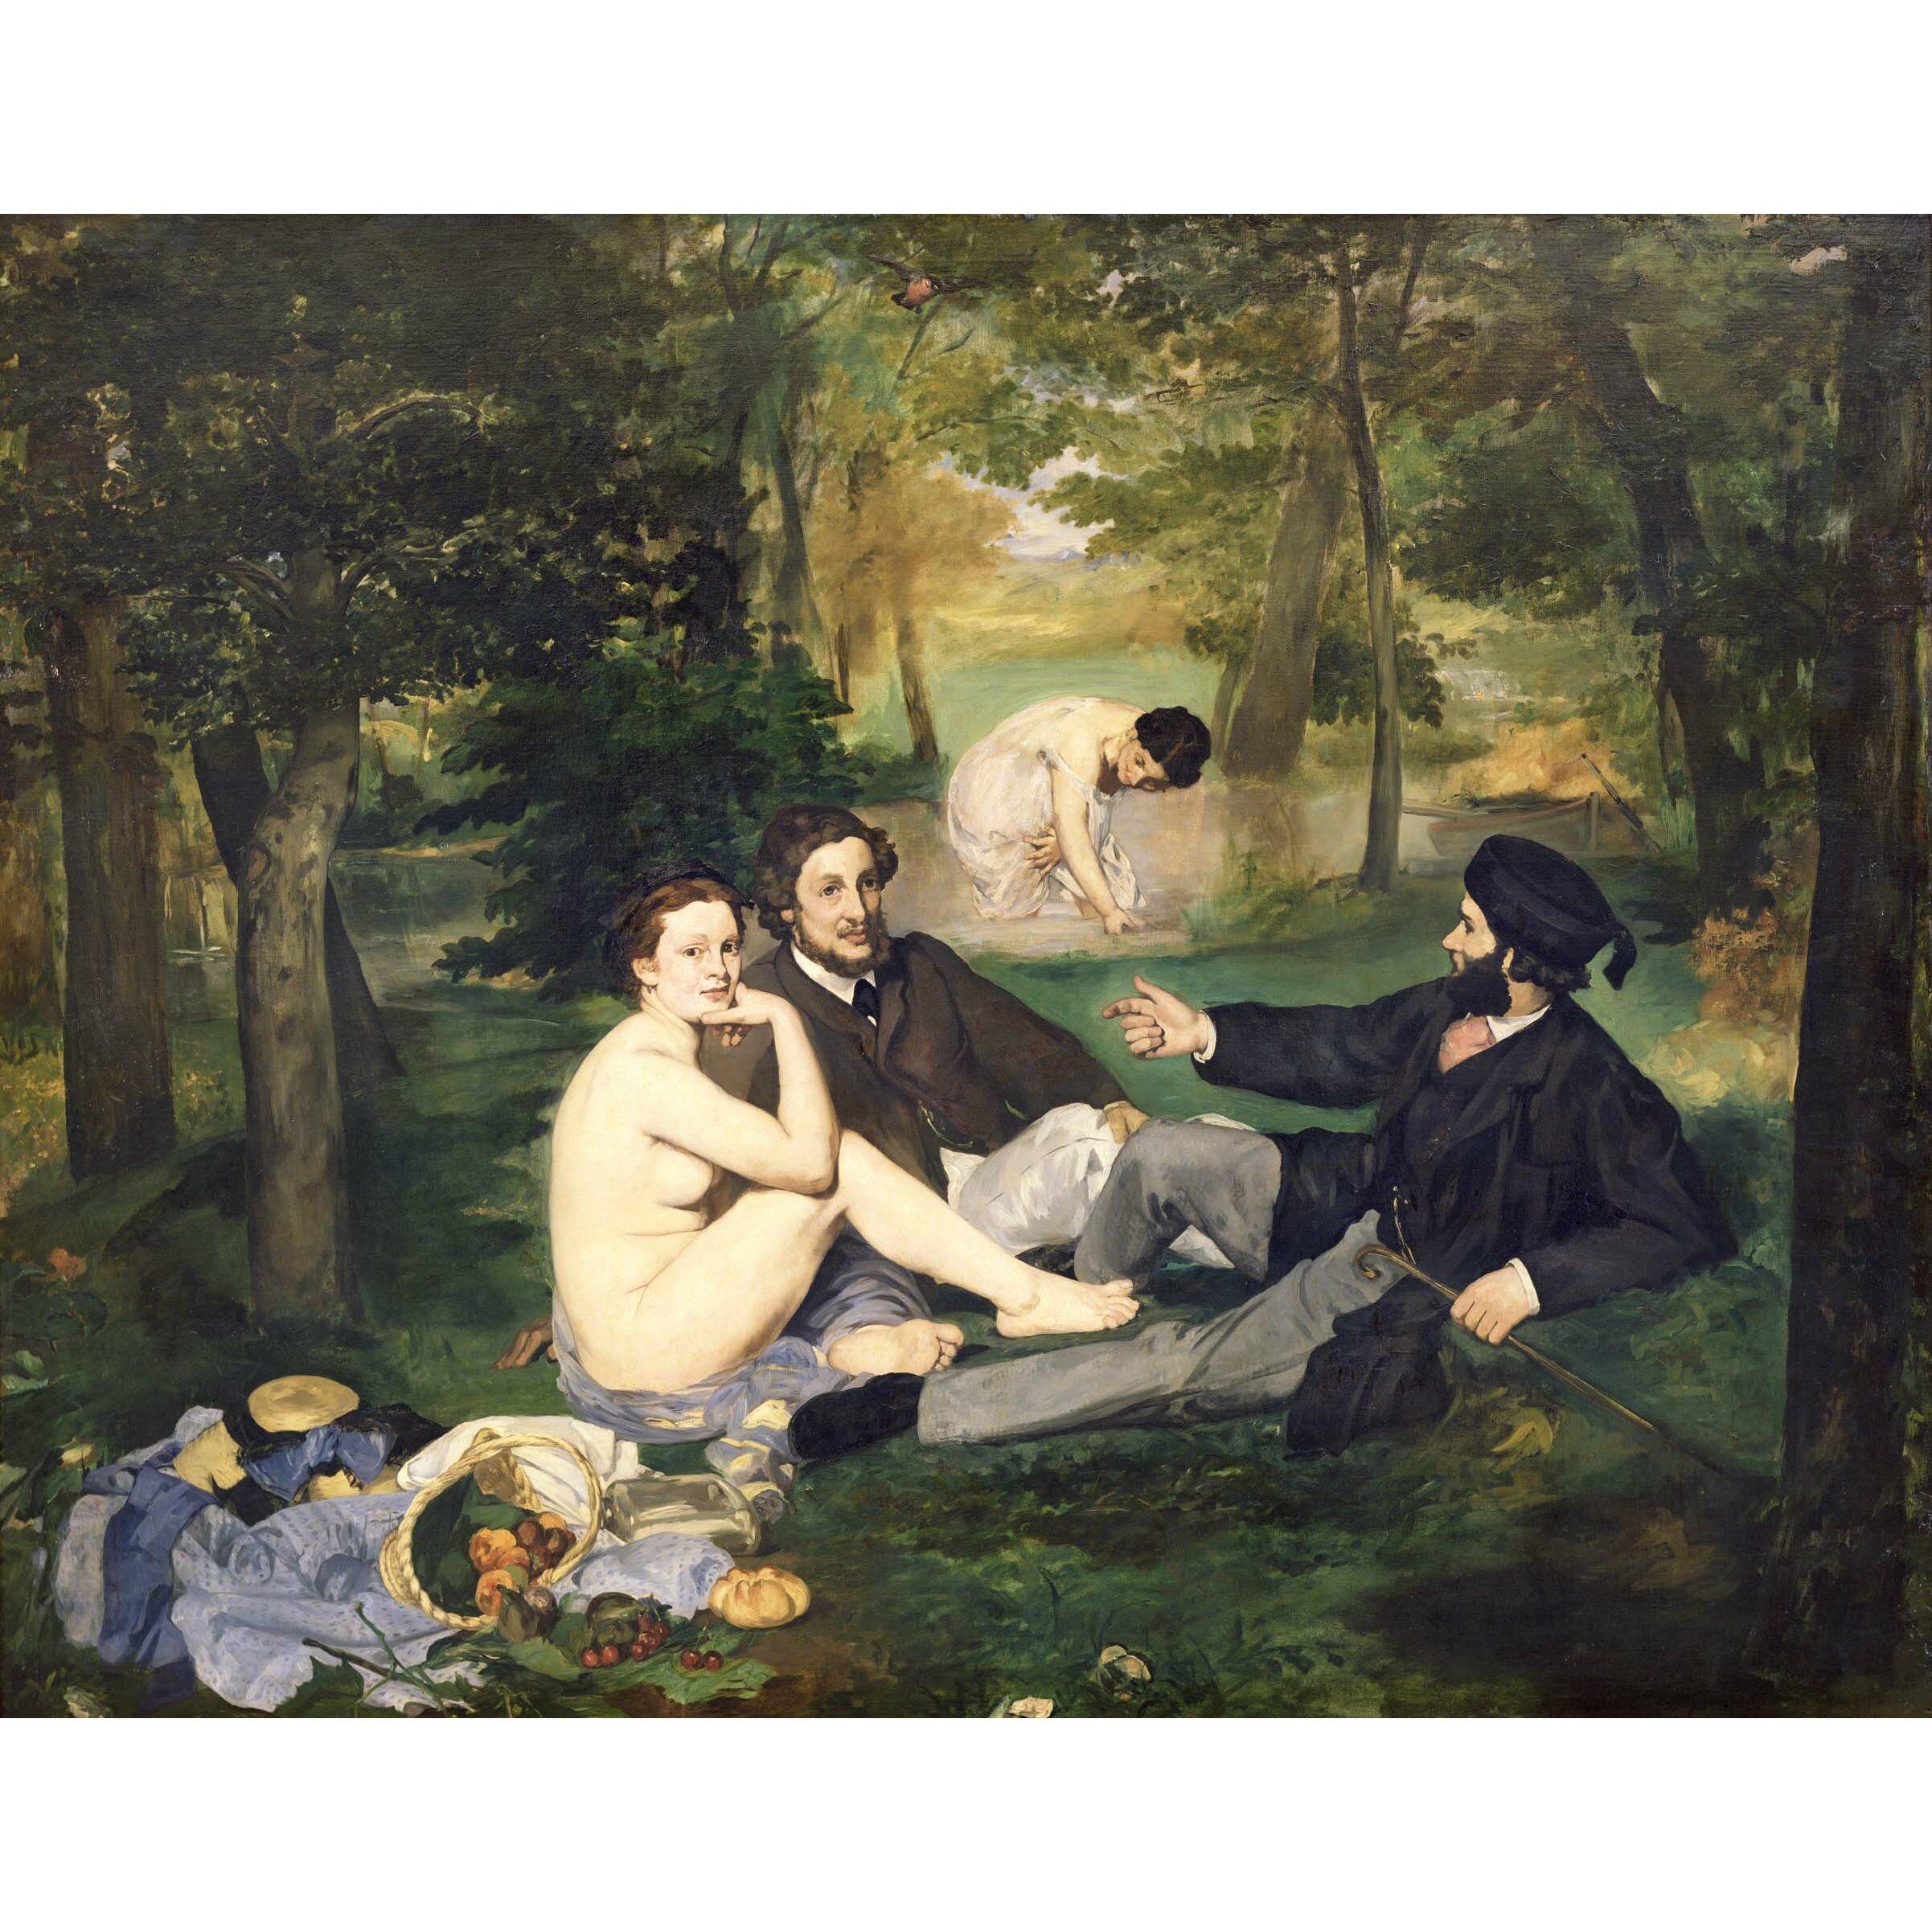 Manet Dejeuner sur lHerbe (1863) Poster Wall Mural by Wallhogs